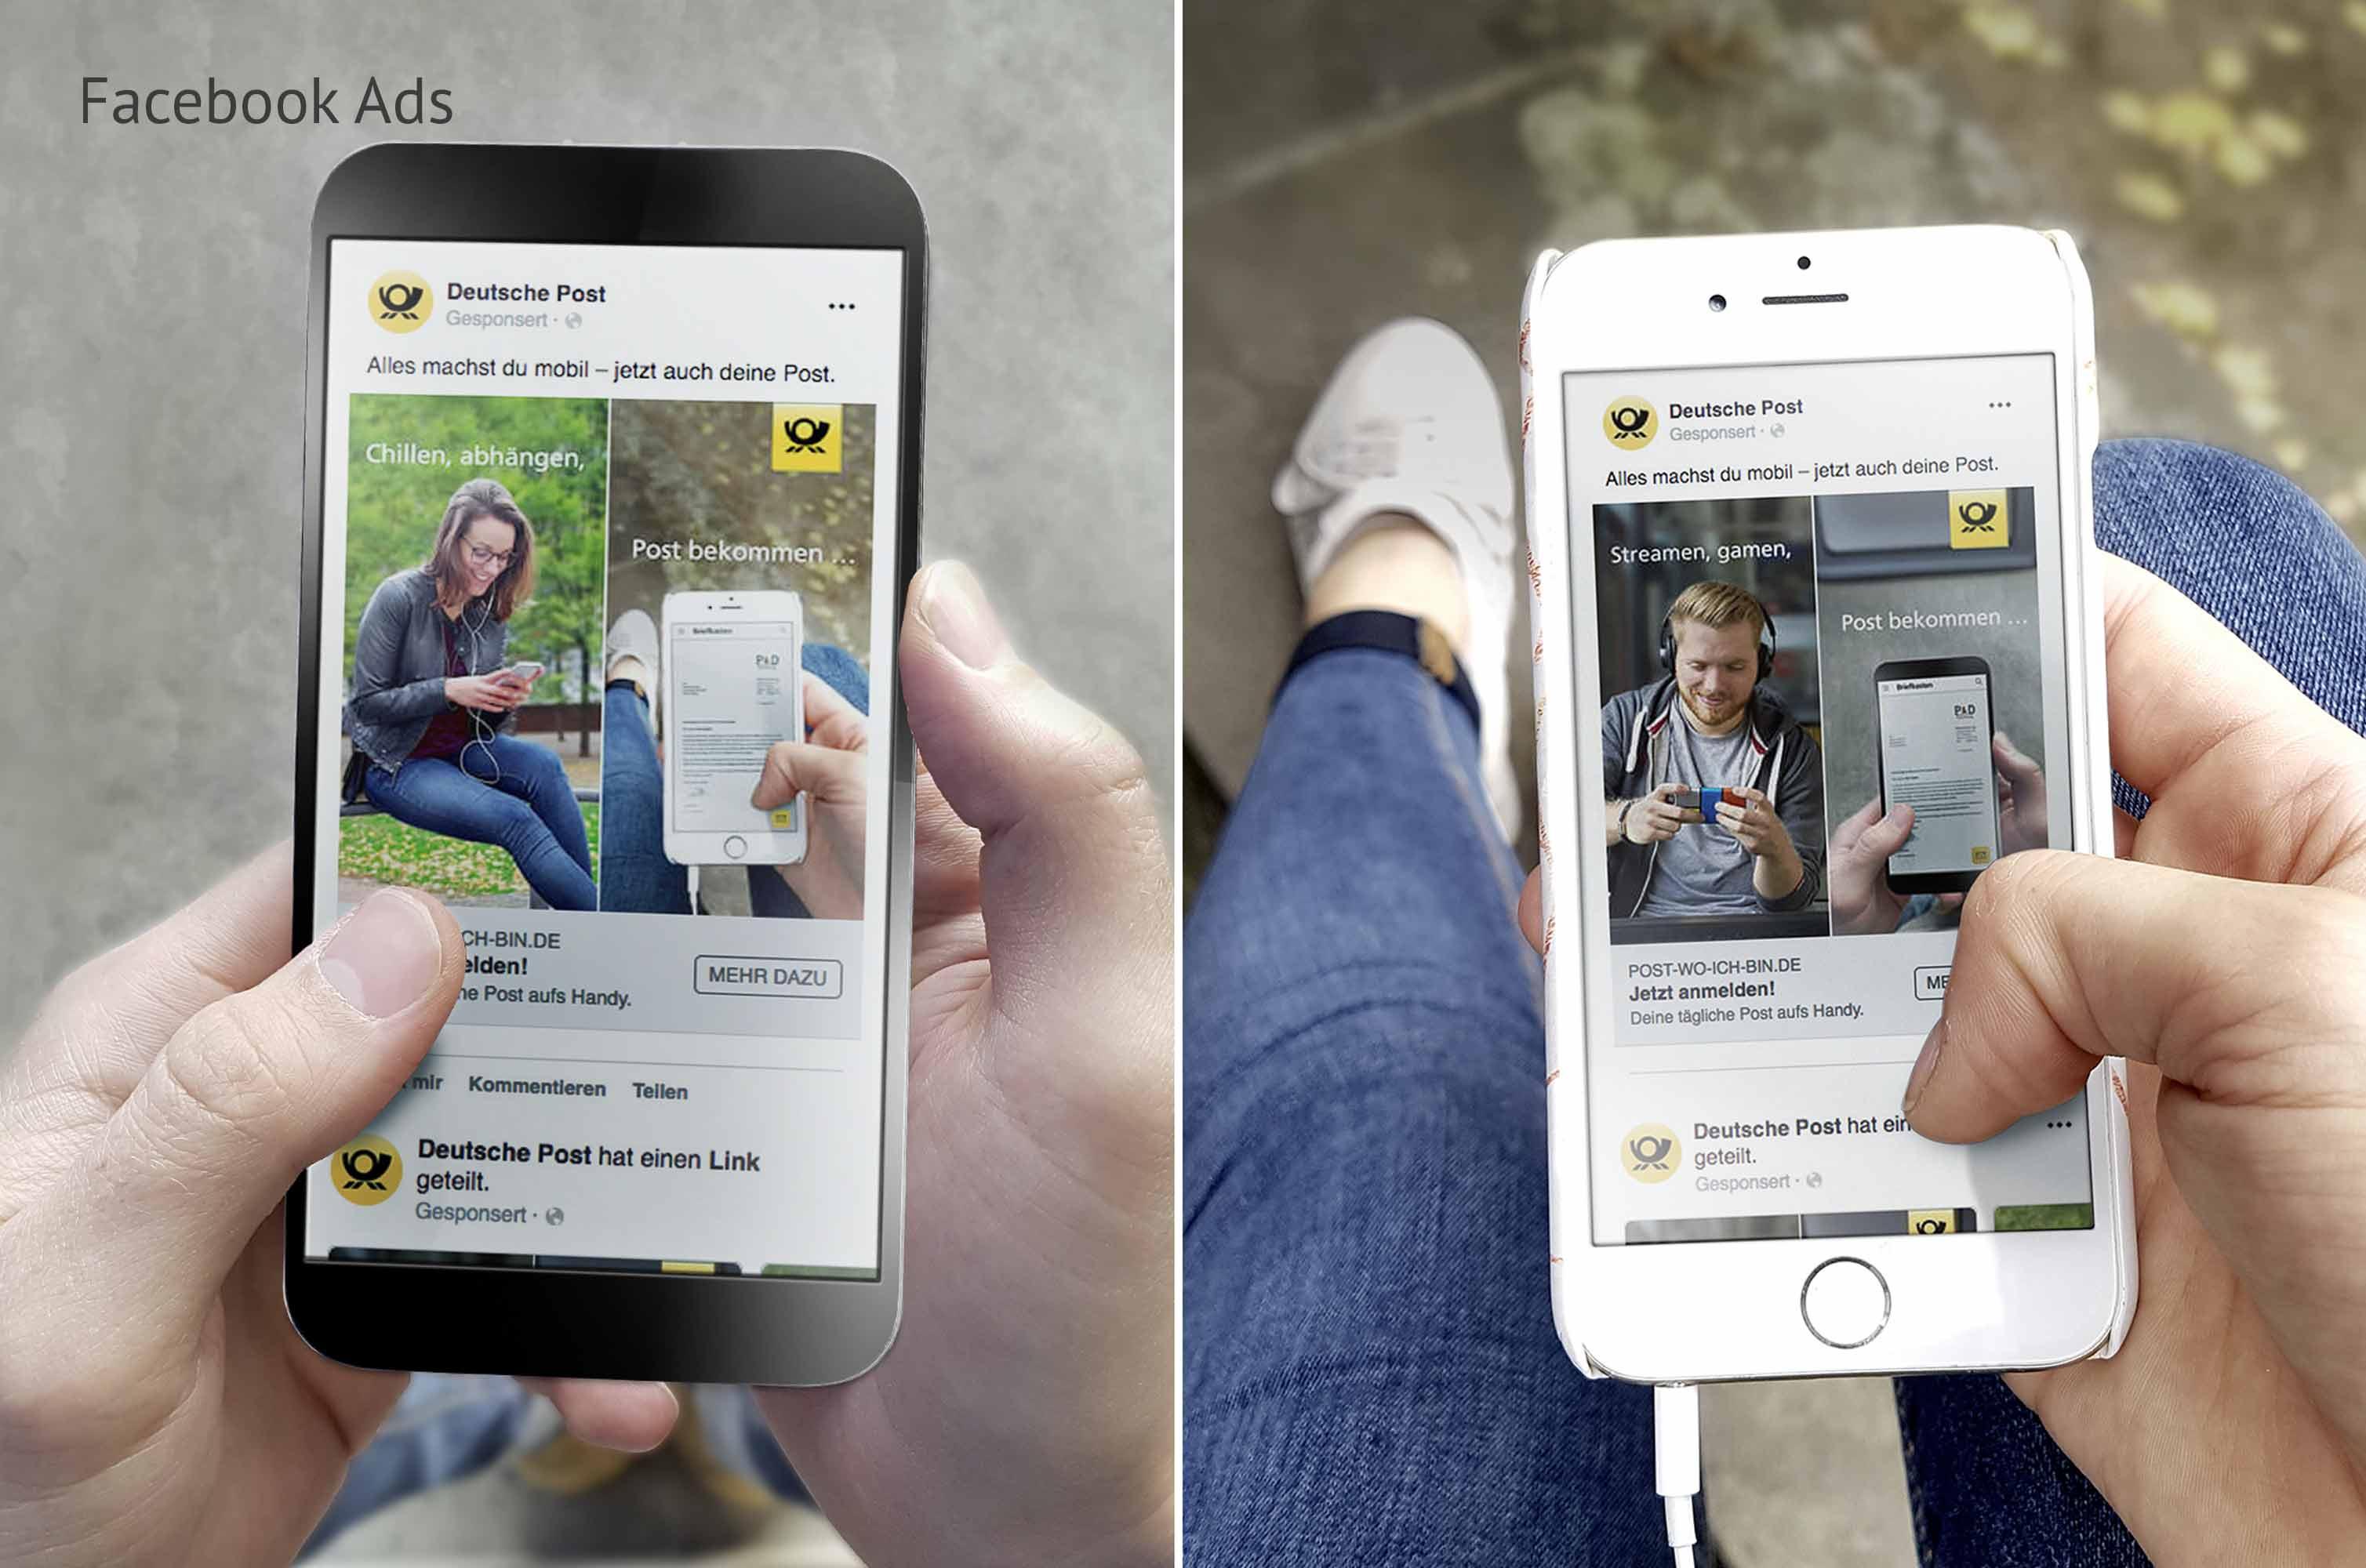 E-POSTSCAN Multikanalkampagne mit Facebook Ads